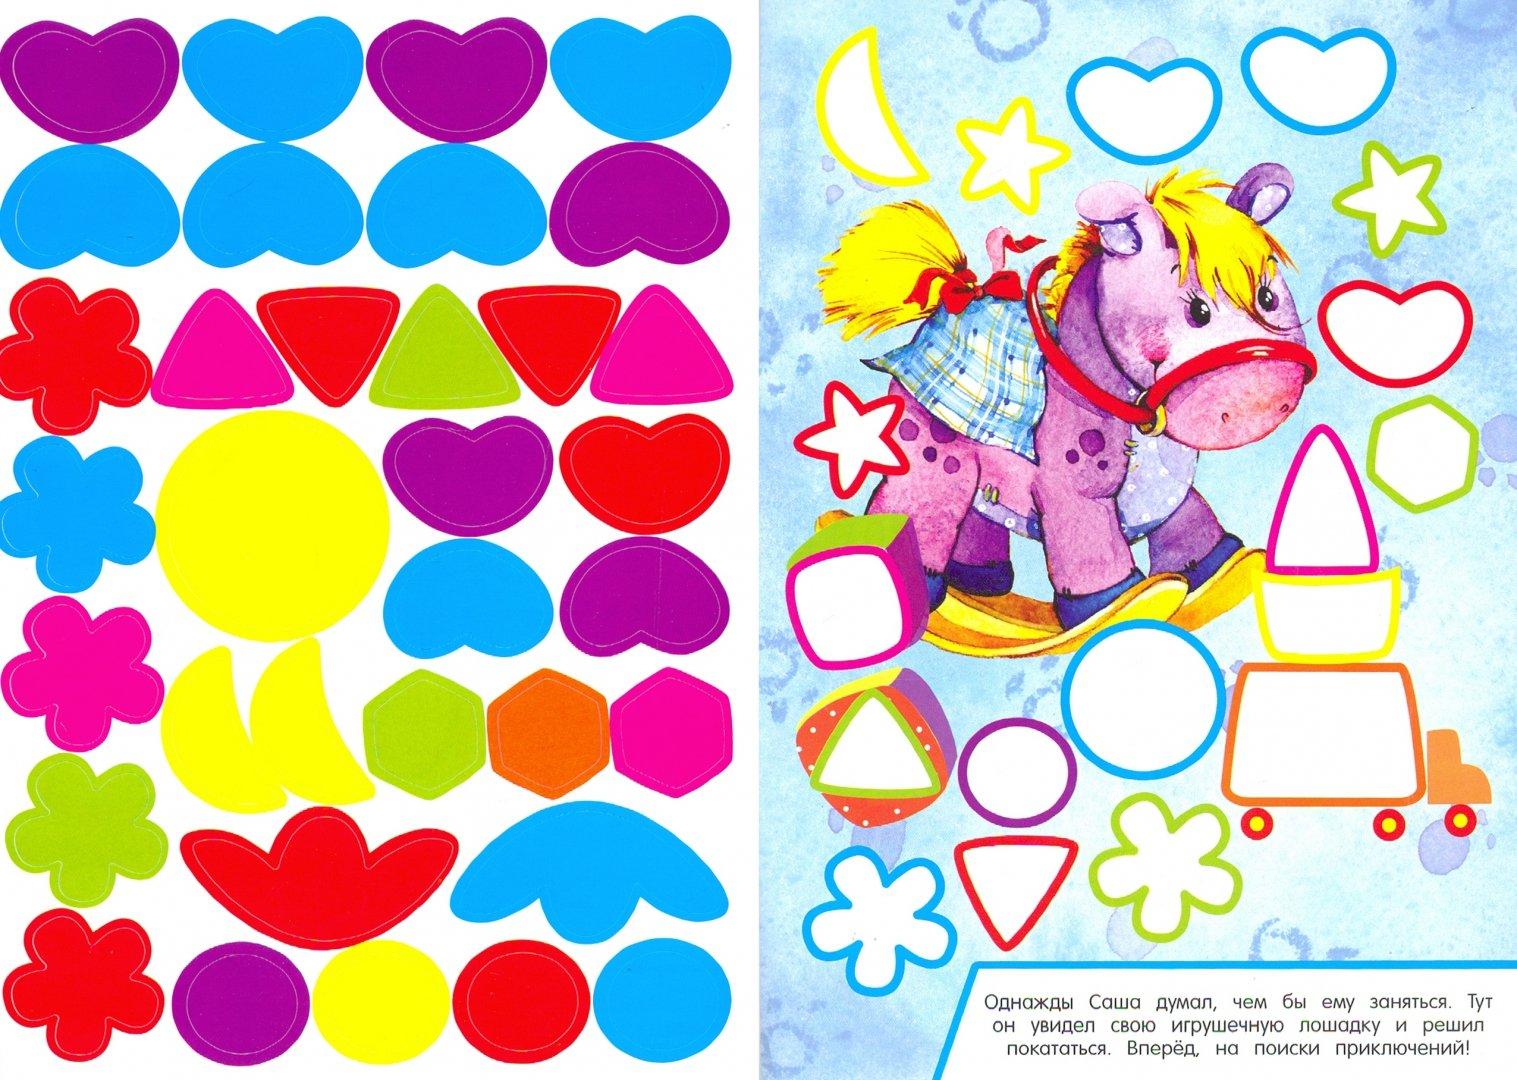 Иллюстрация 1 из 14 для Вклей-ка наклейку. Игрушки | Лабиринт - книги. Источник: Лабиринт